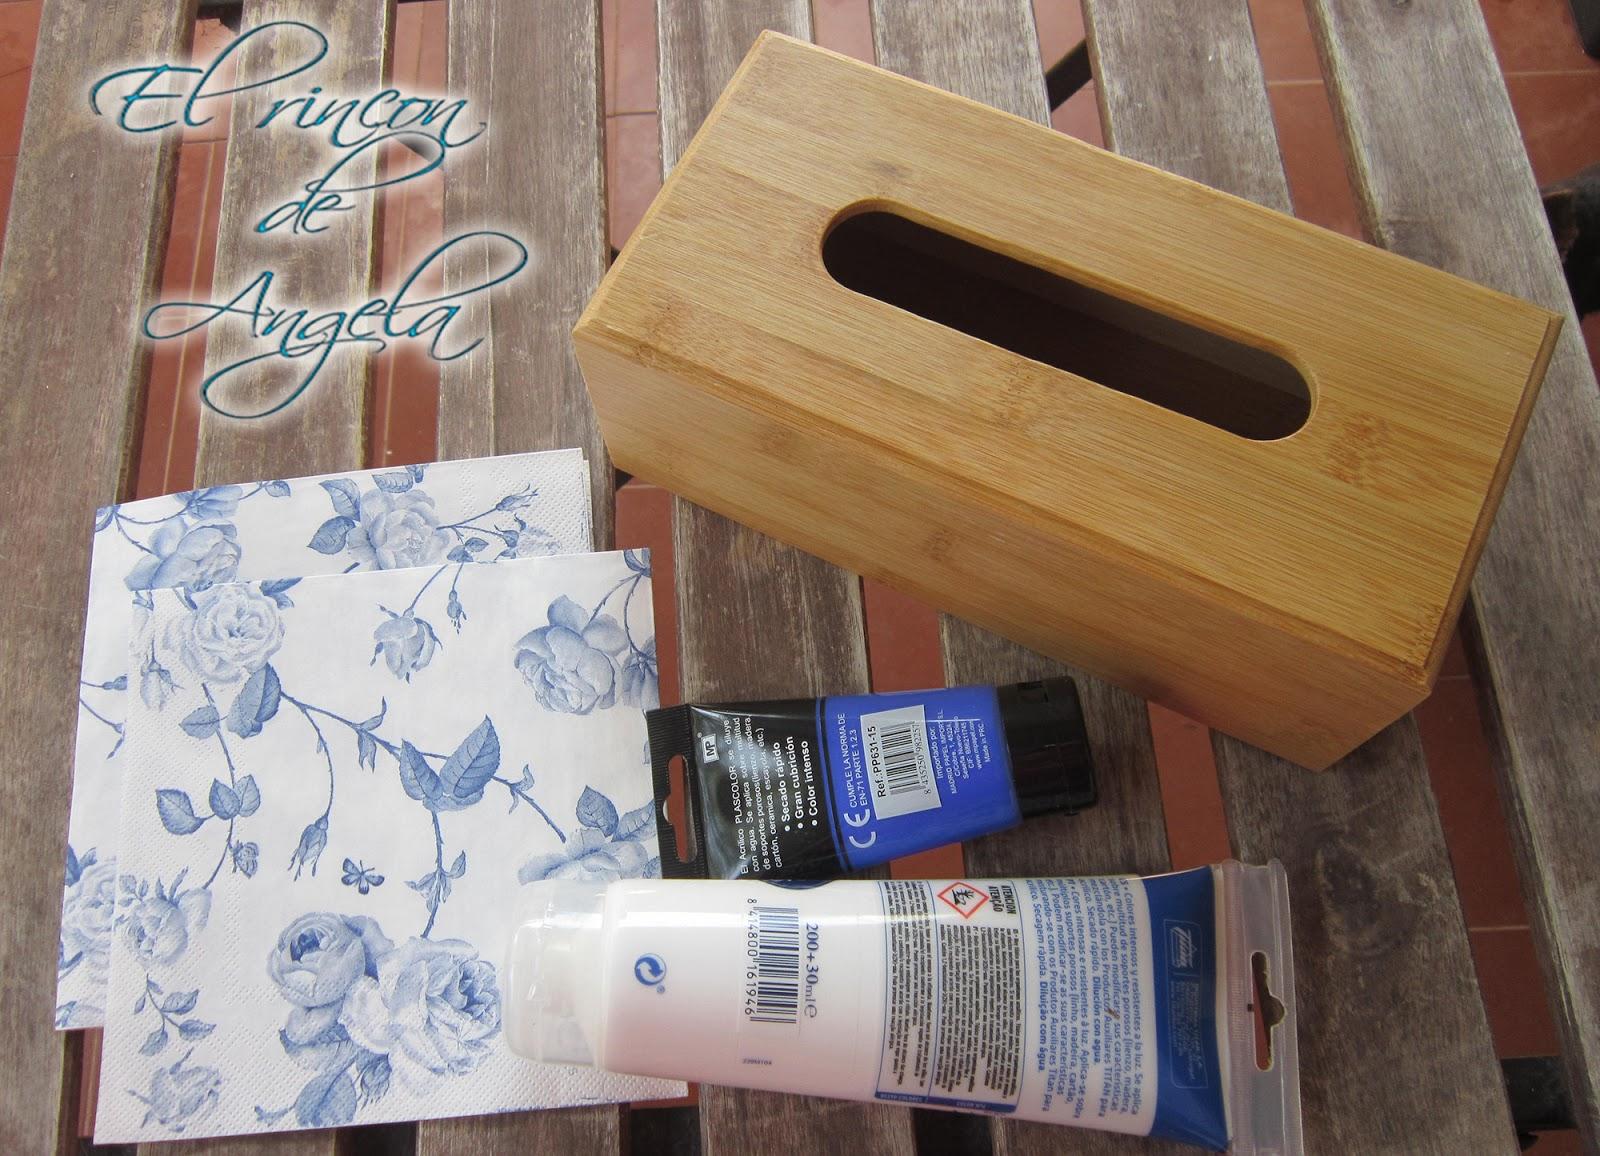 El rincon de angela como decorar con decoupage una caja - El rincon azul de angela ...